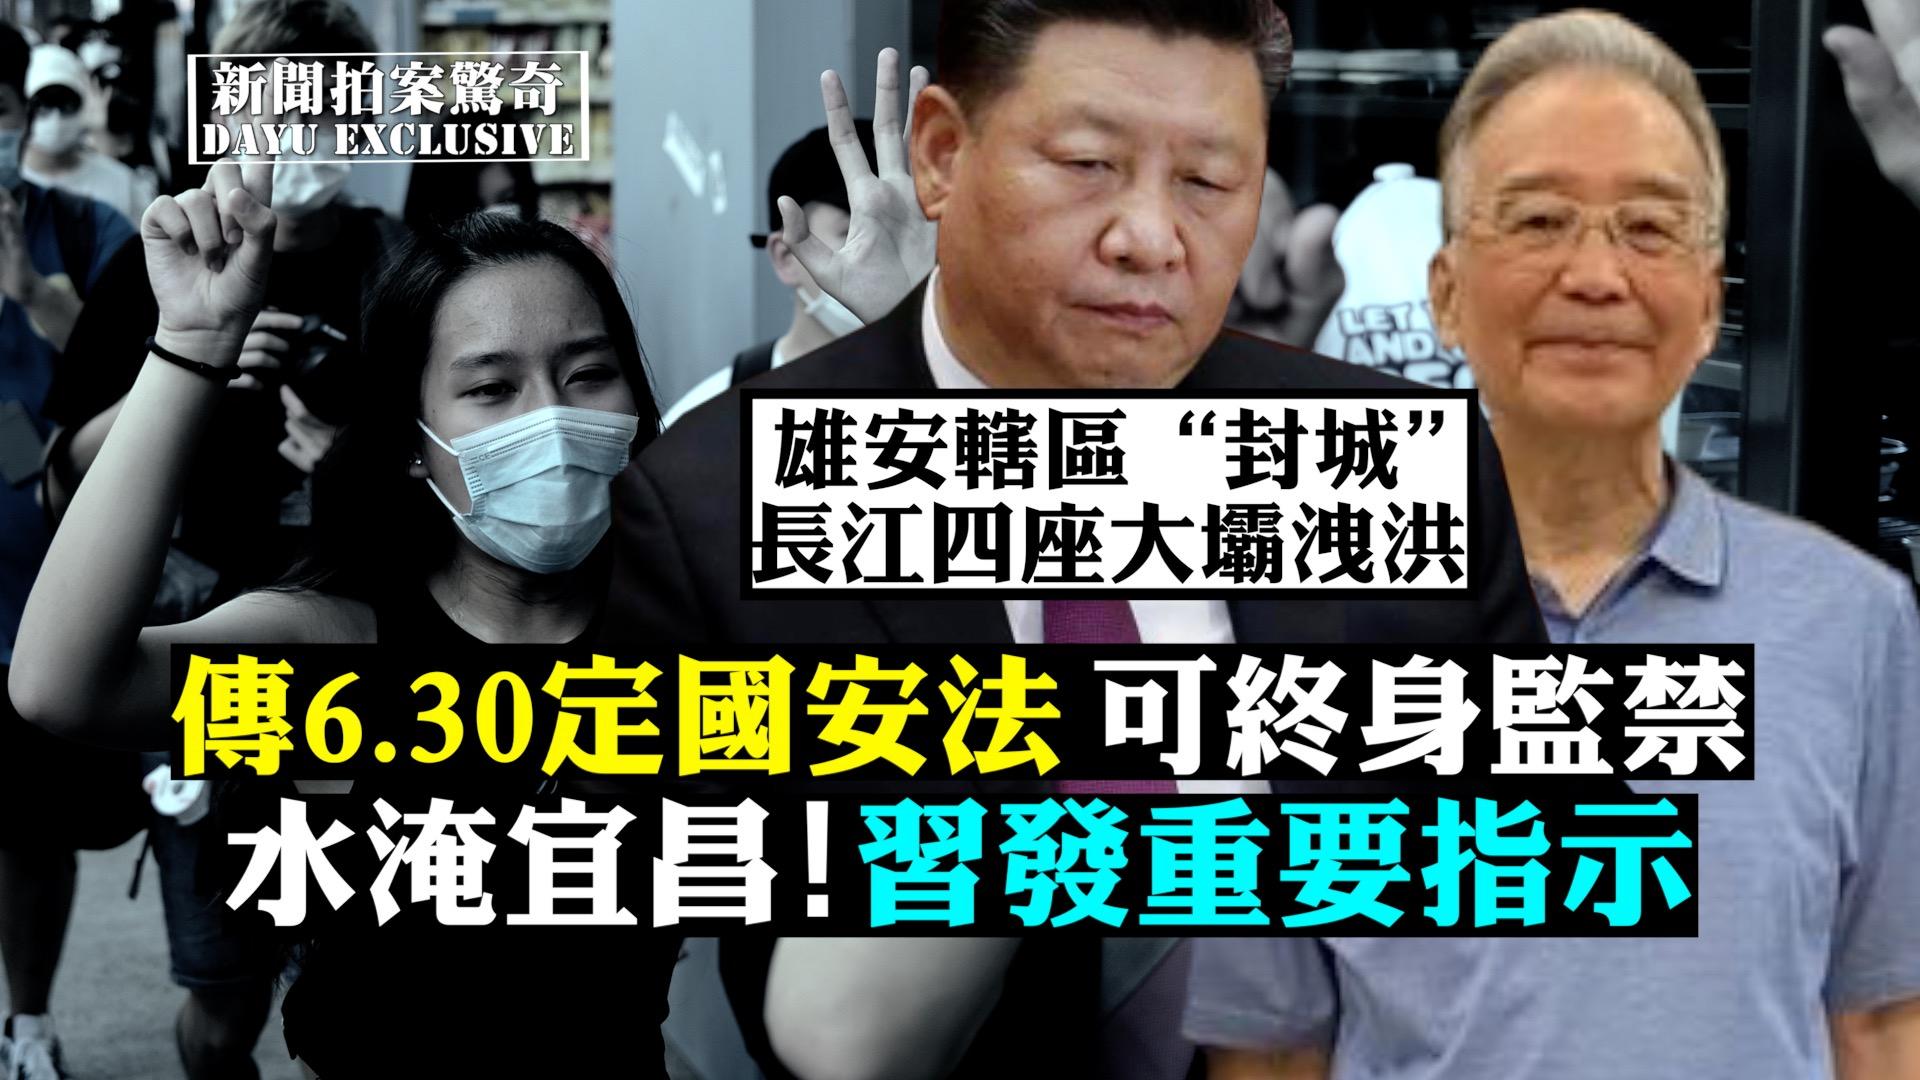 2020年6月28日,今天主要關注三件大事:宜昌淹水、北京瘟疫、香港國安法問題。(新唐人合成)